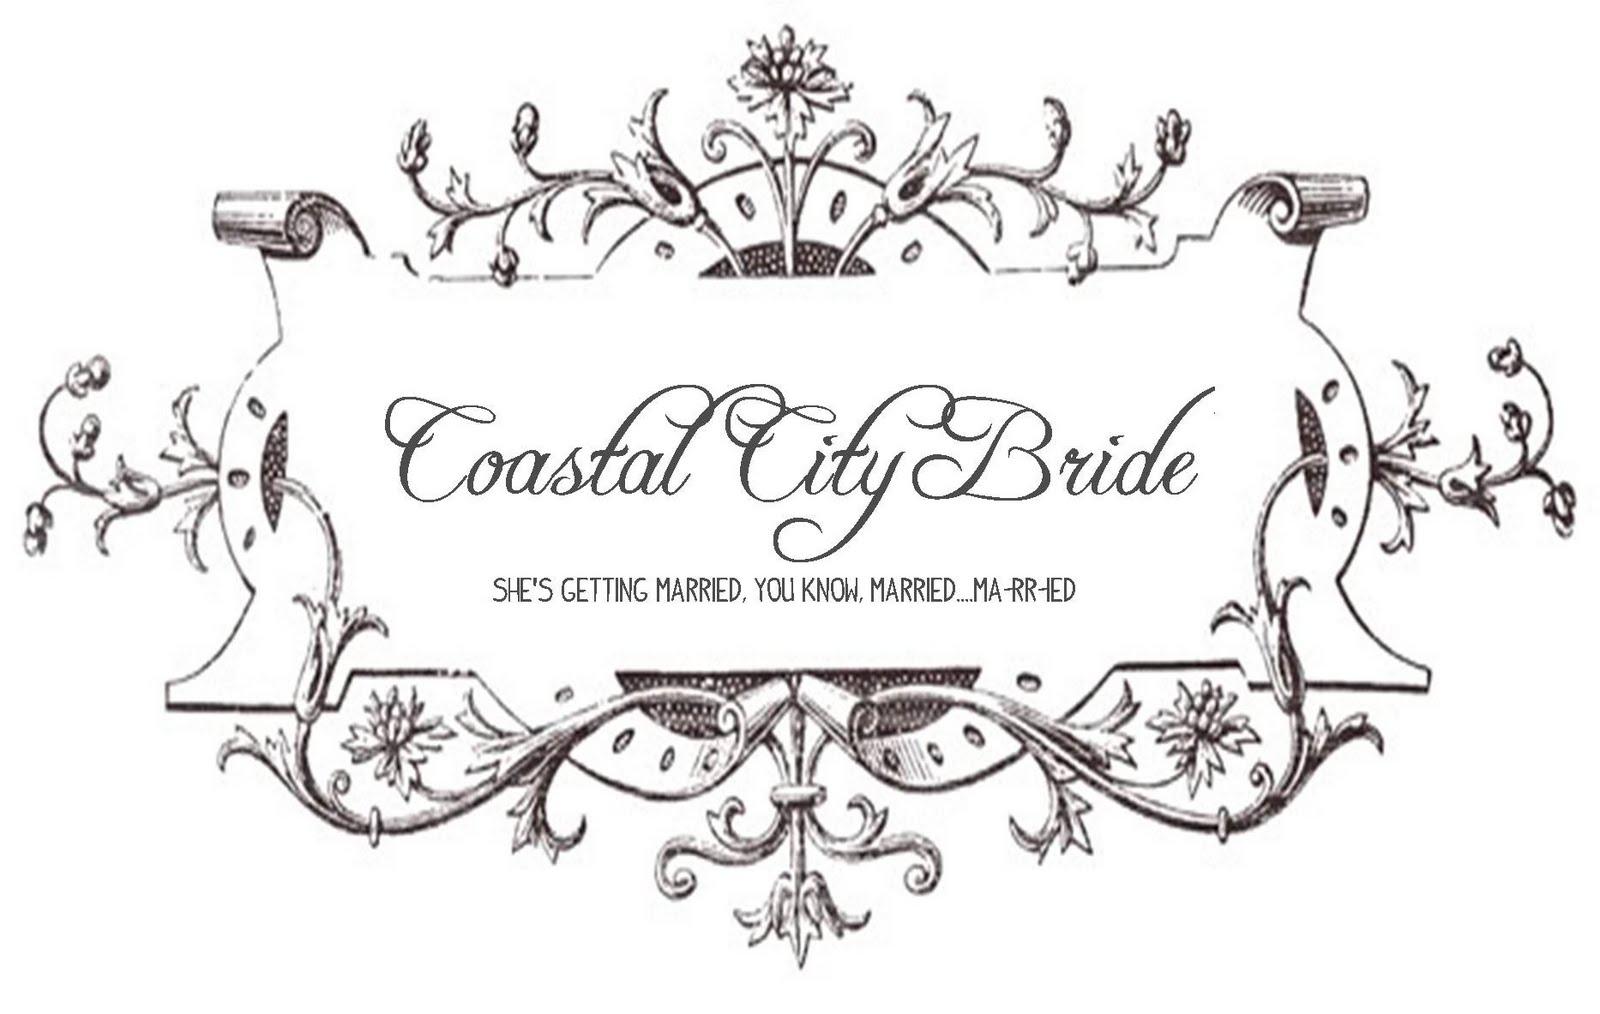 Coastal City Bride